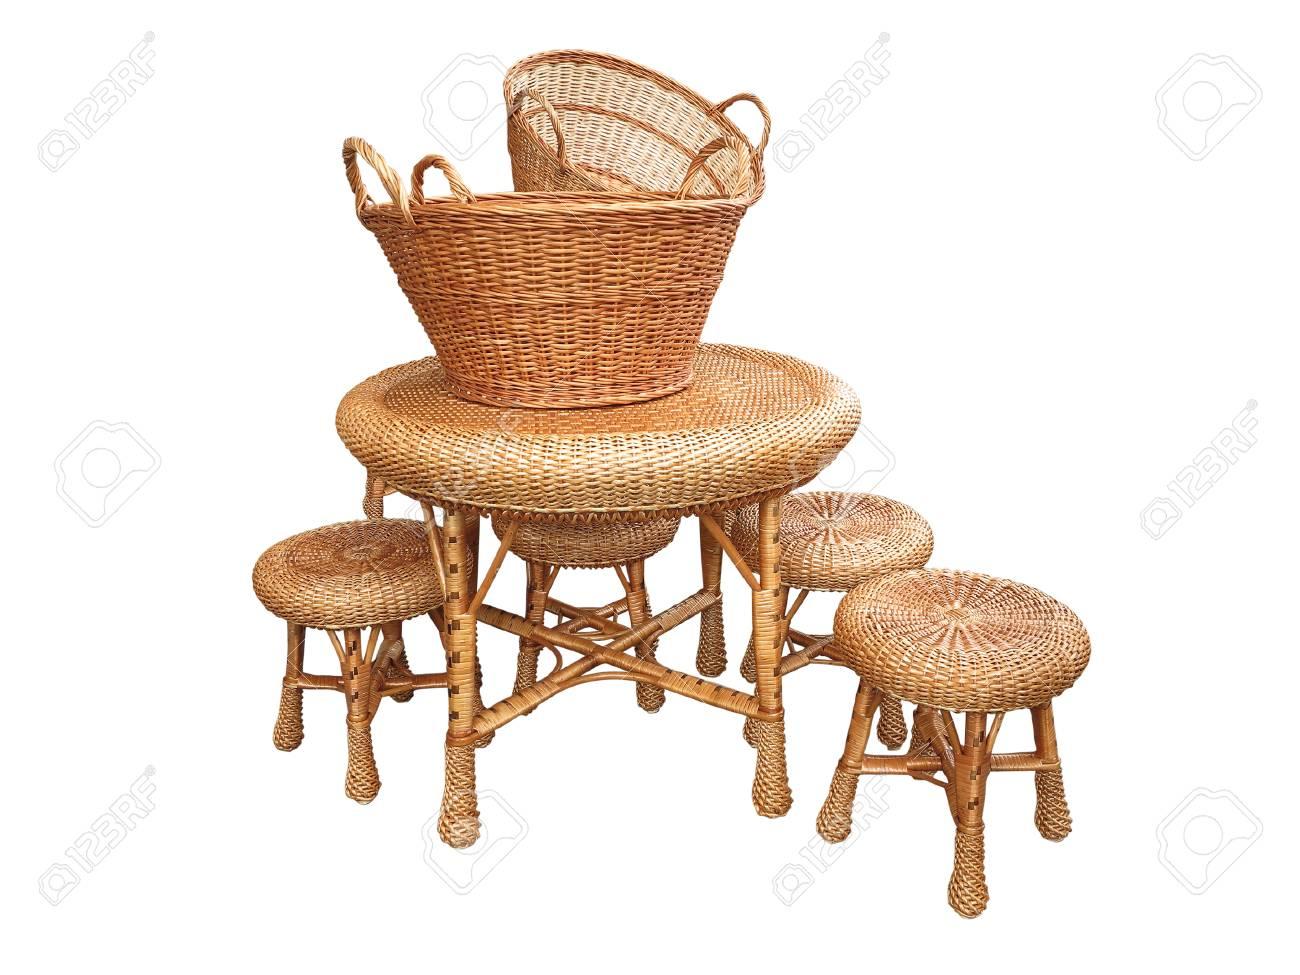 Wicker Möbel Tisch Stuhl Und Körbe Isoliert Auf Weißem